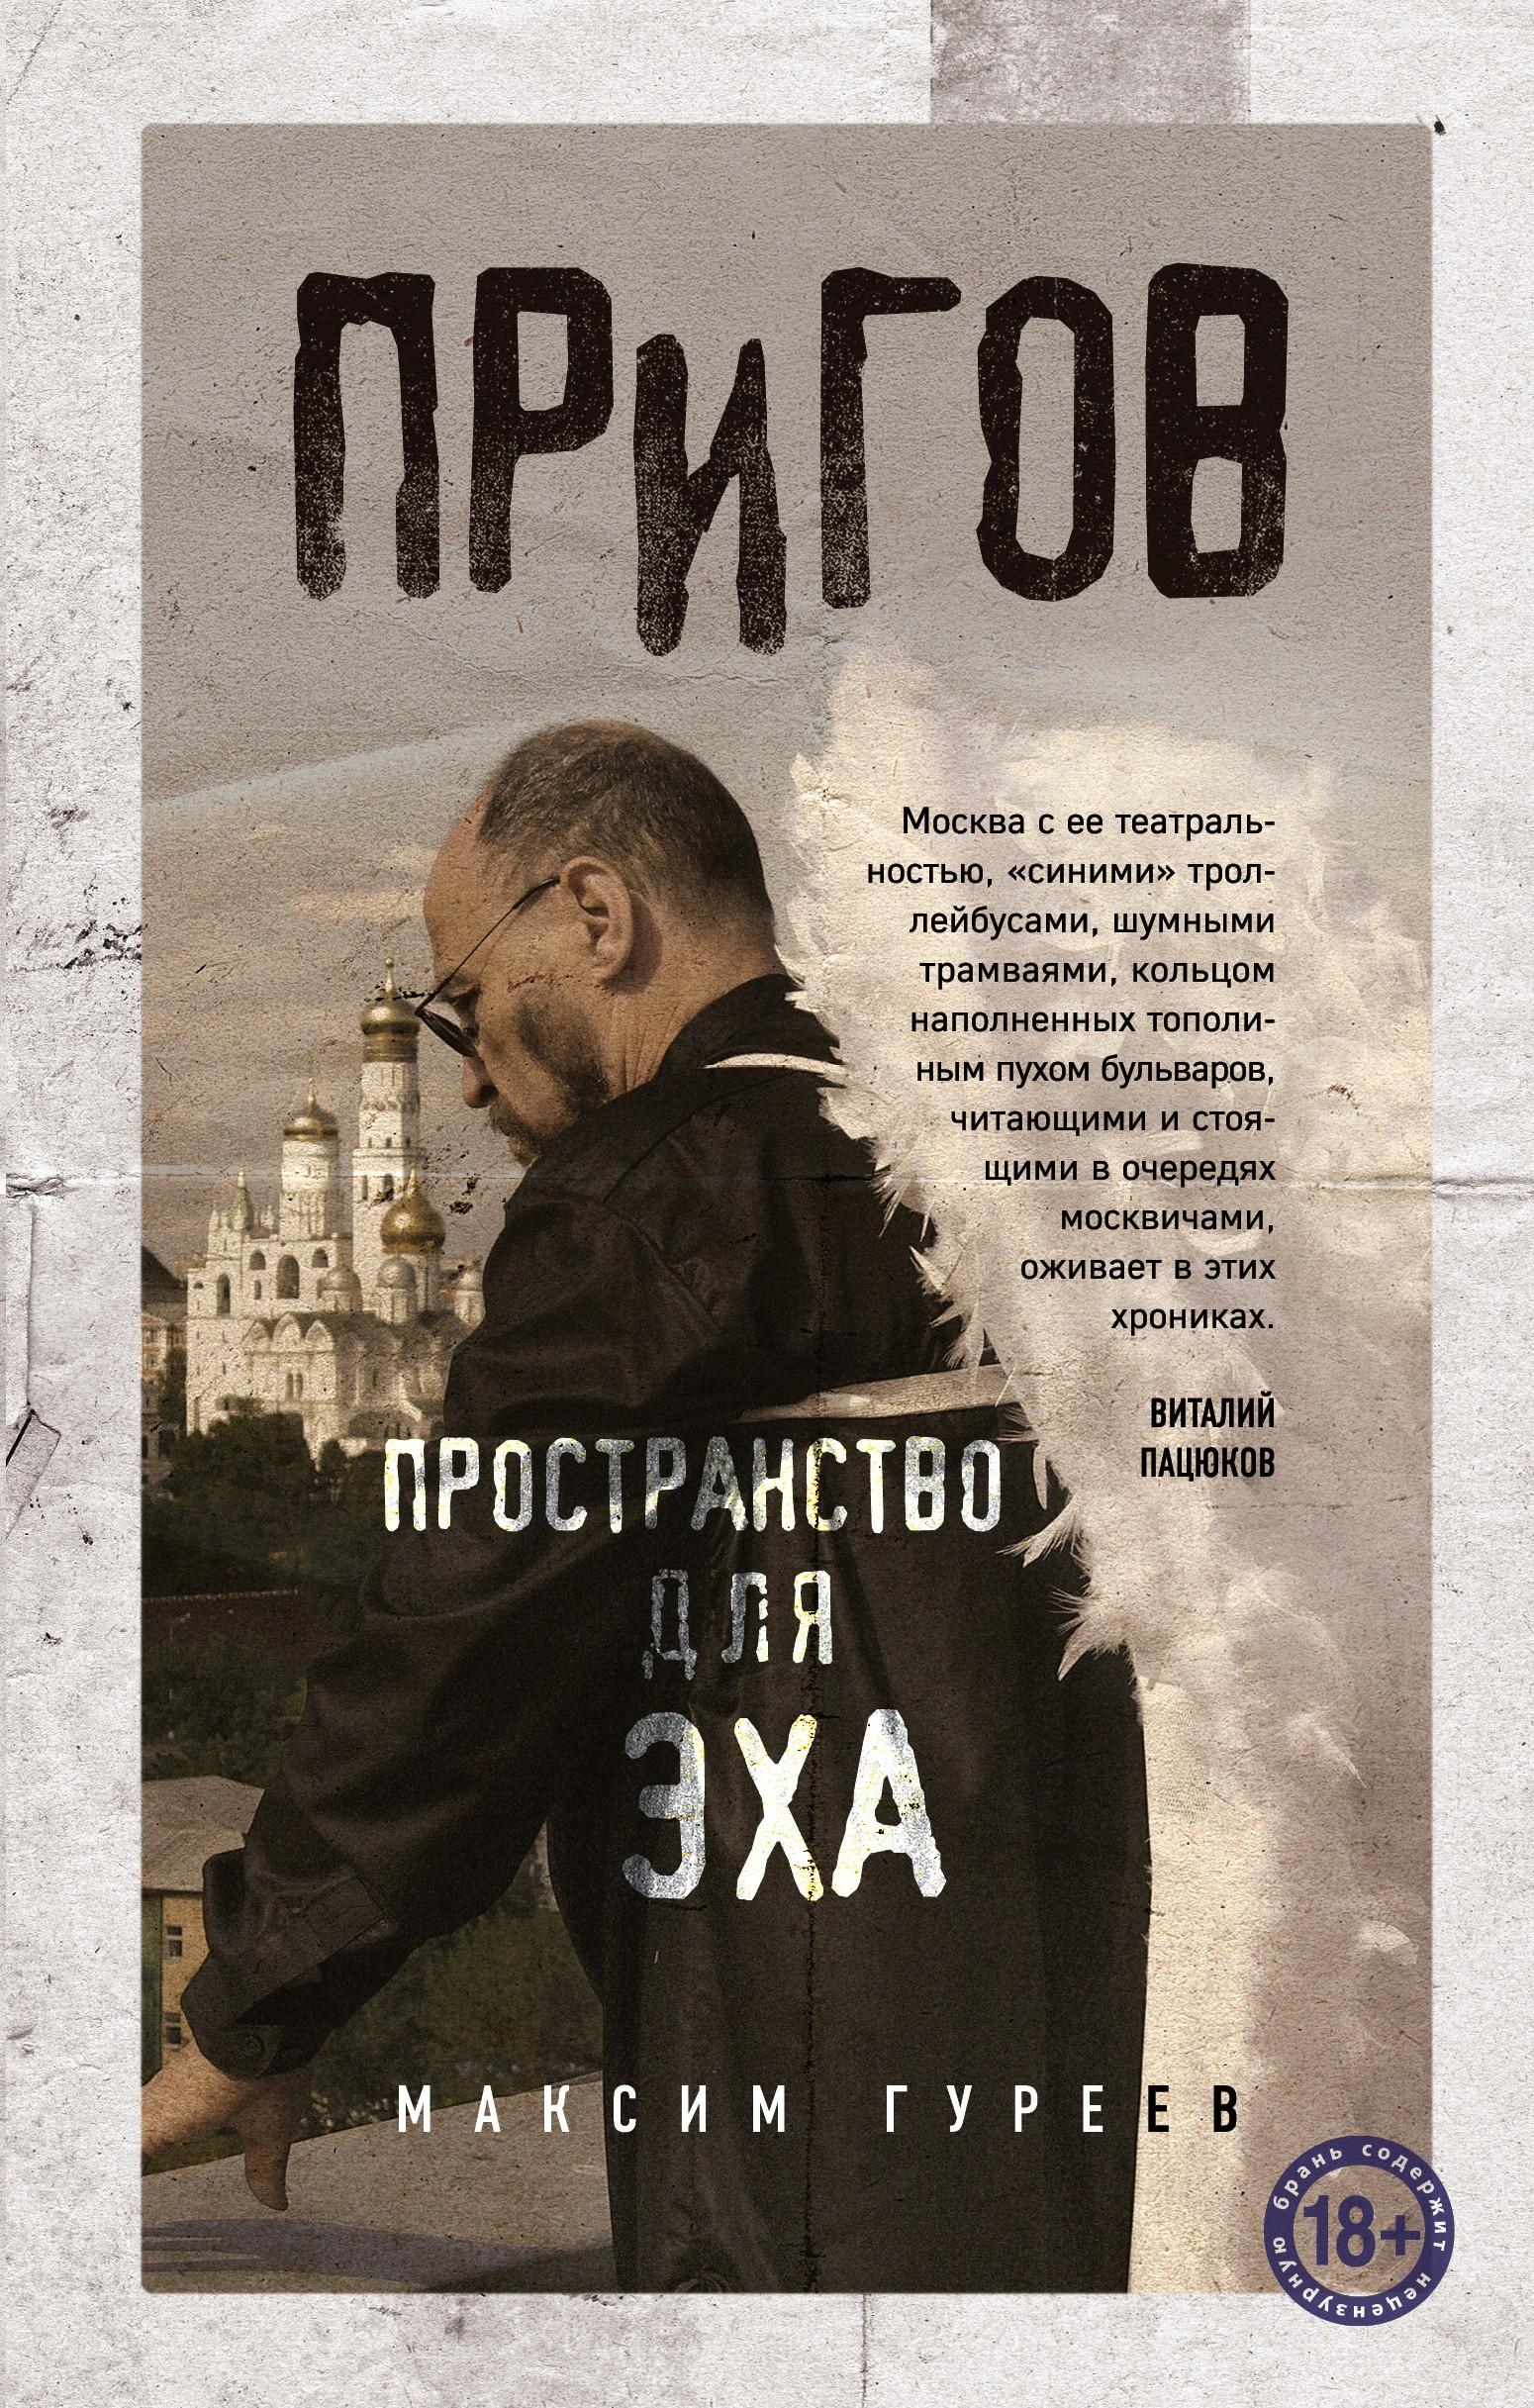 Максим Гуреев Пригов. Пространство для эха д а пригов трое творений